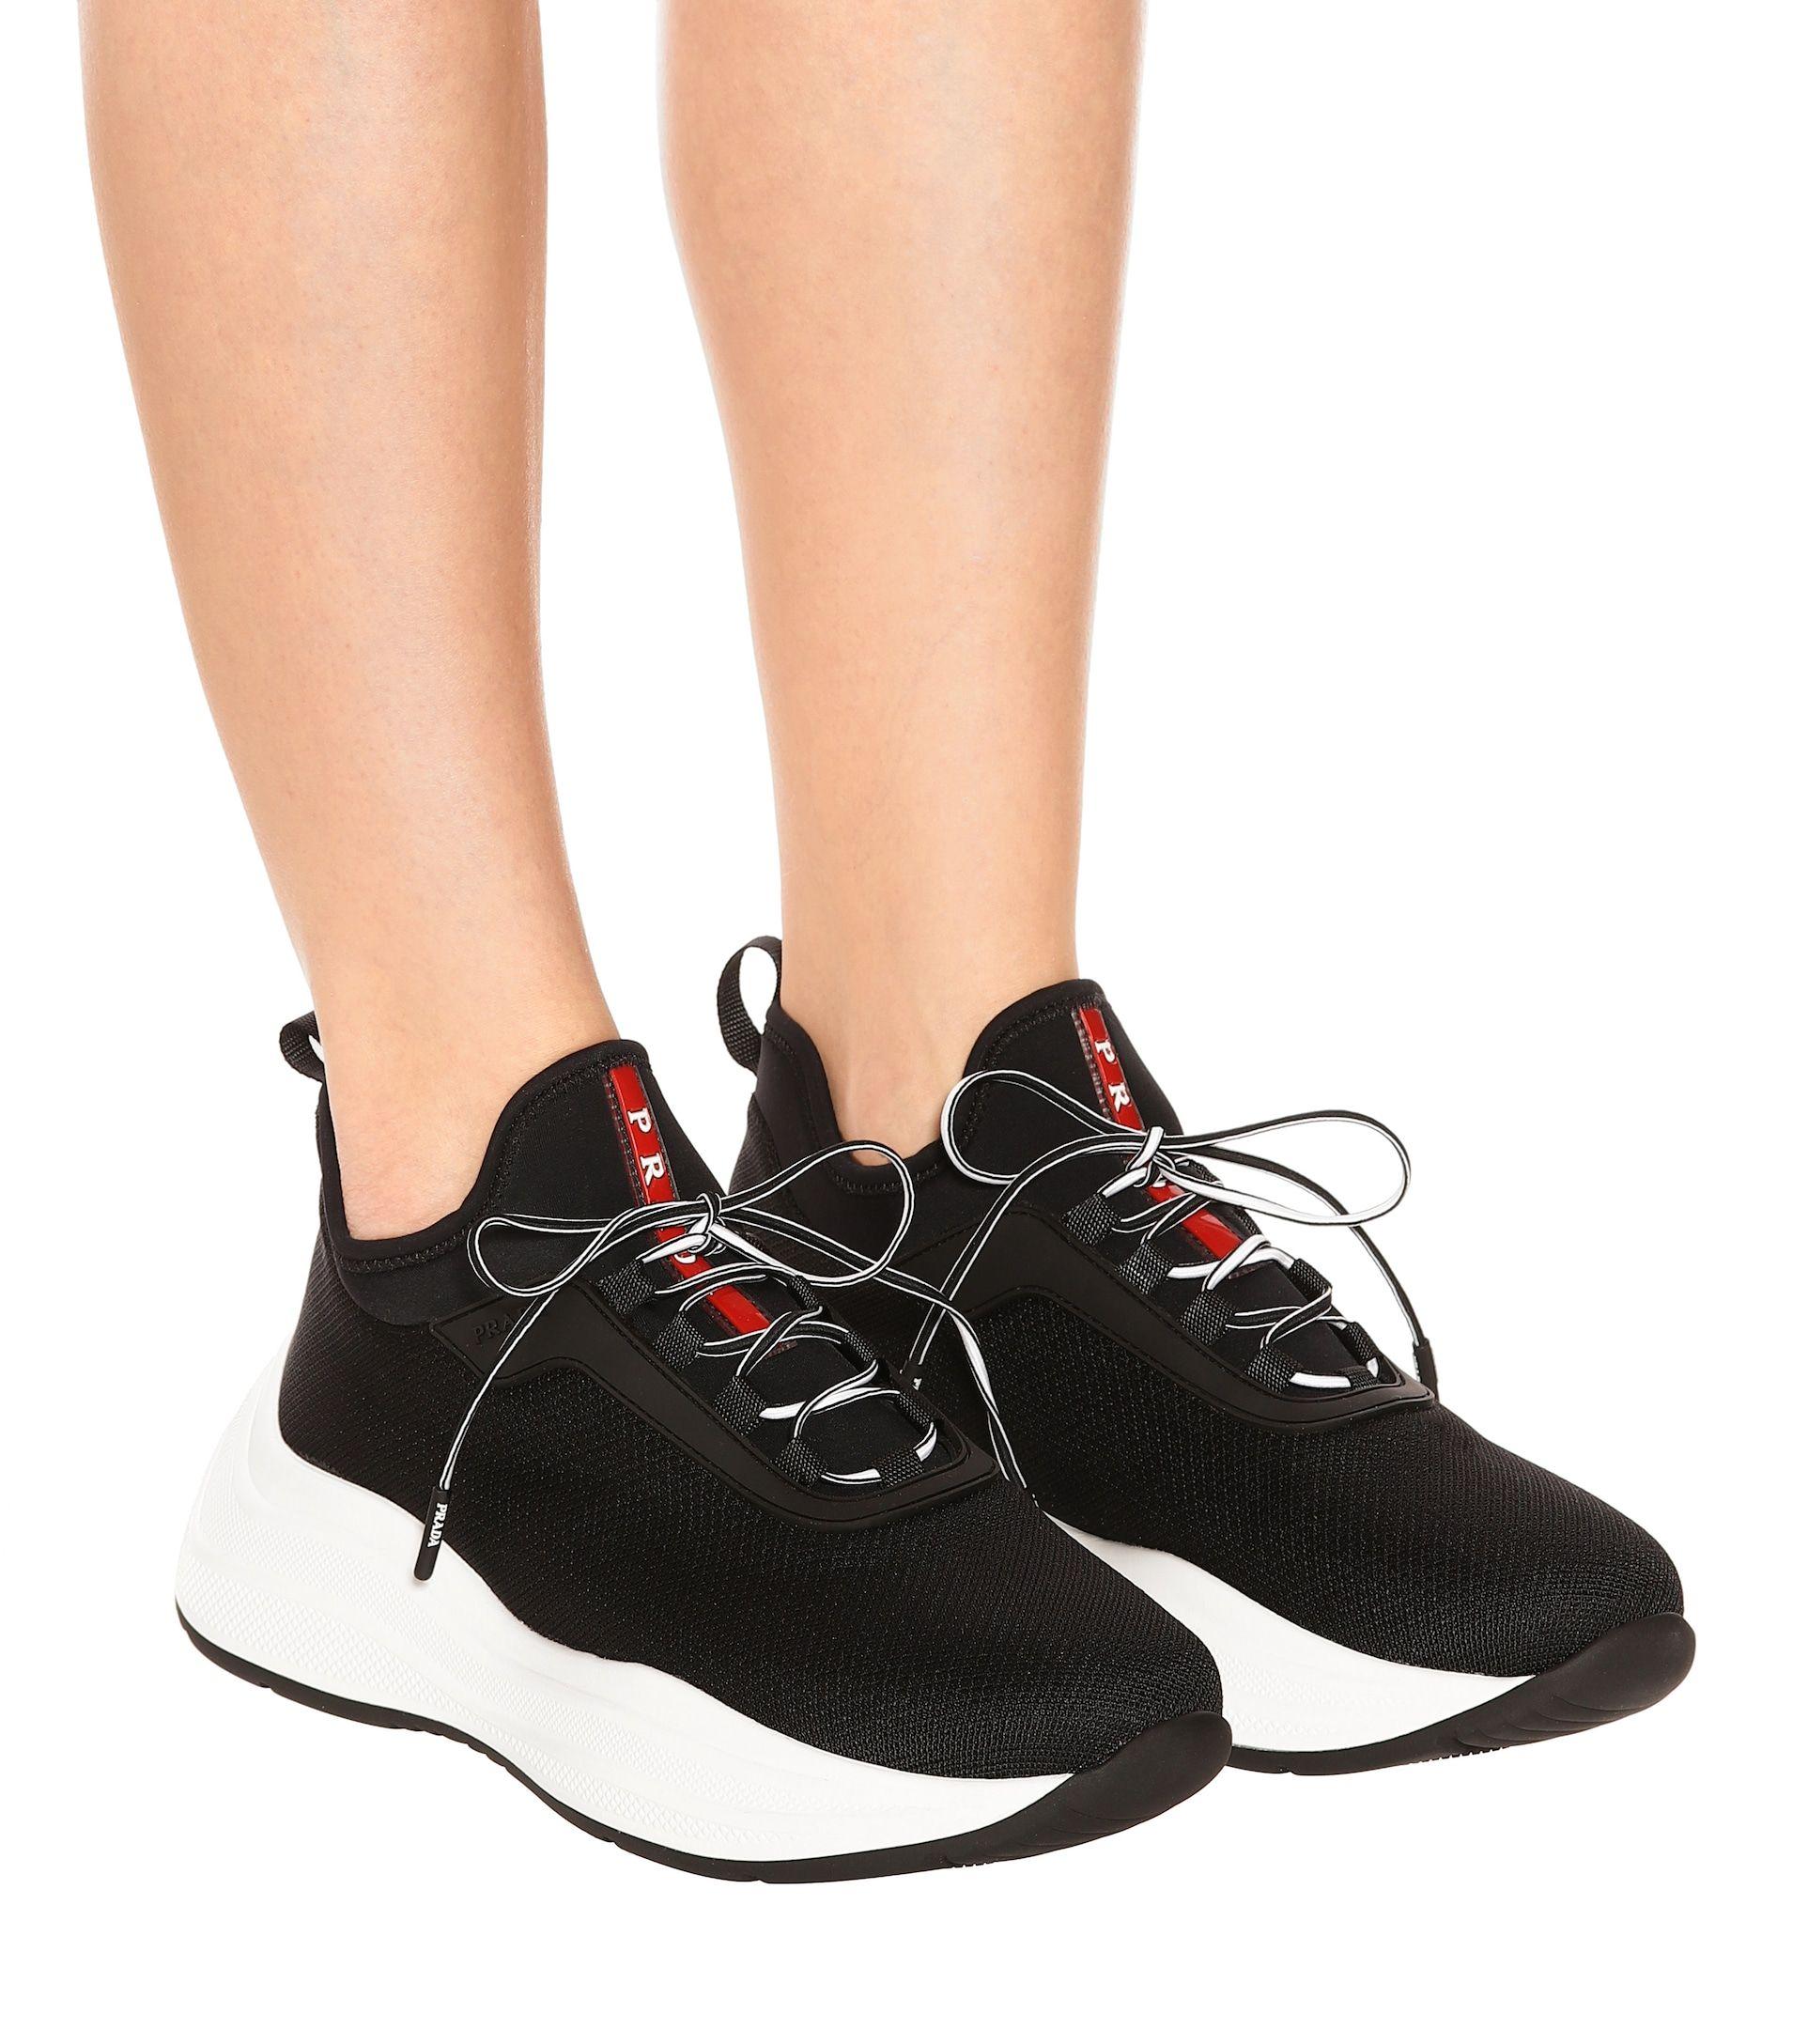 Prada - Mesh and neoprene sneakers